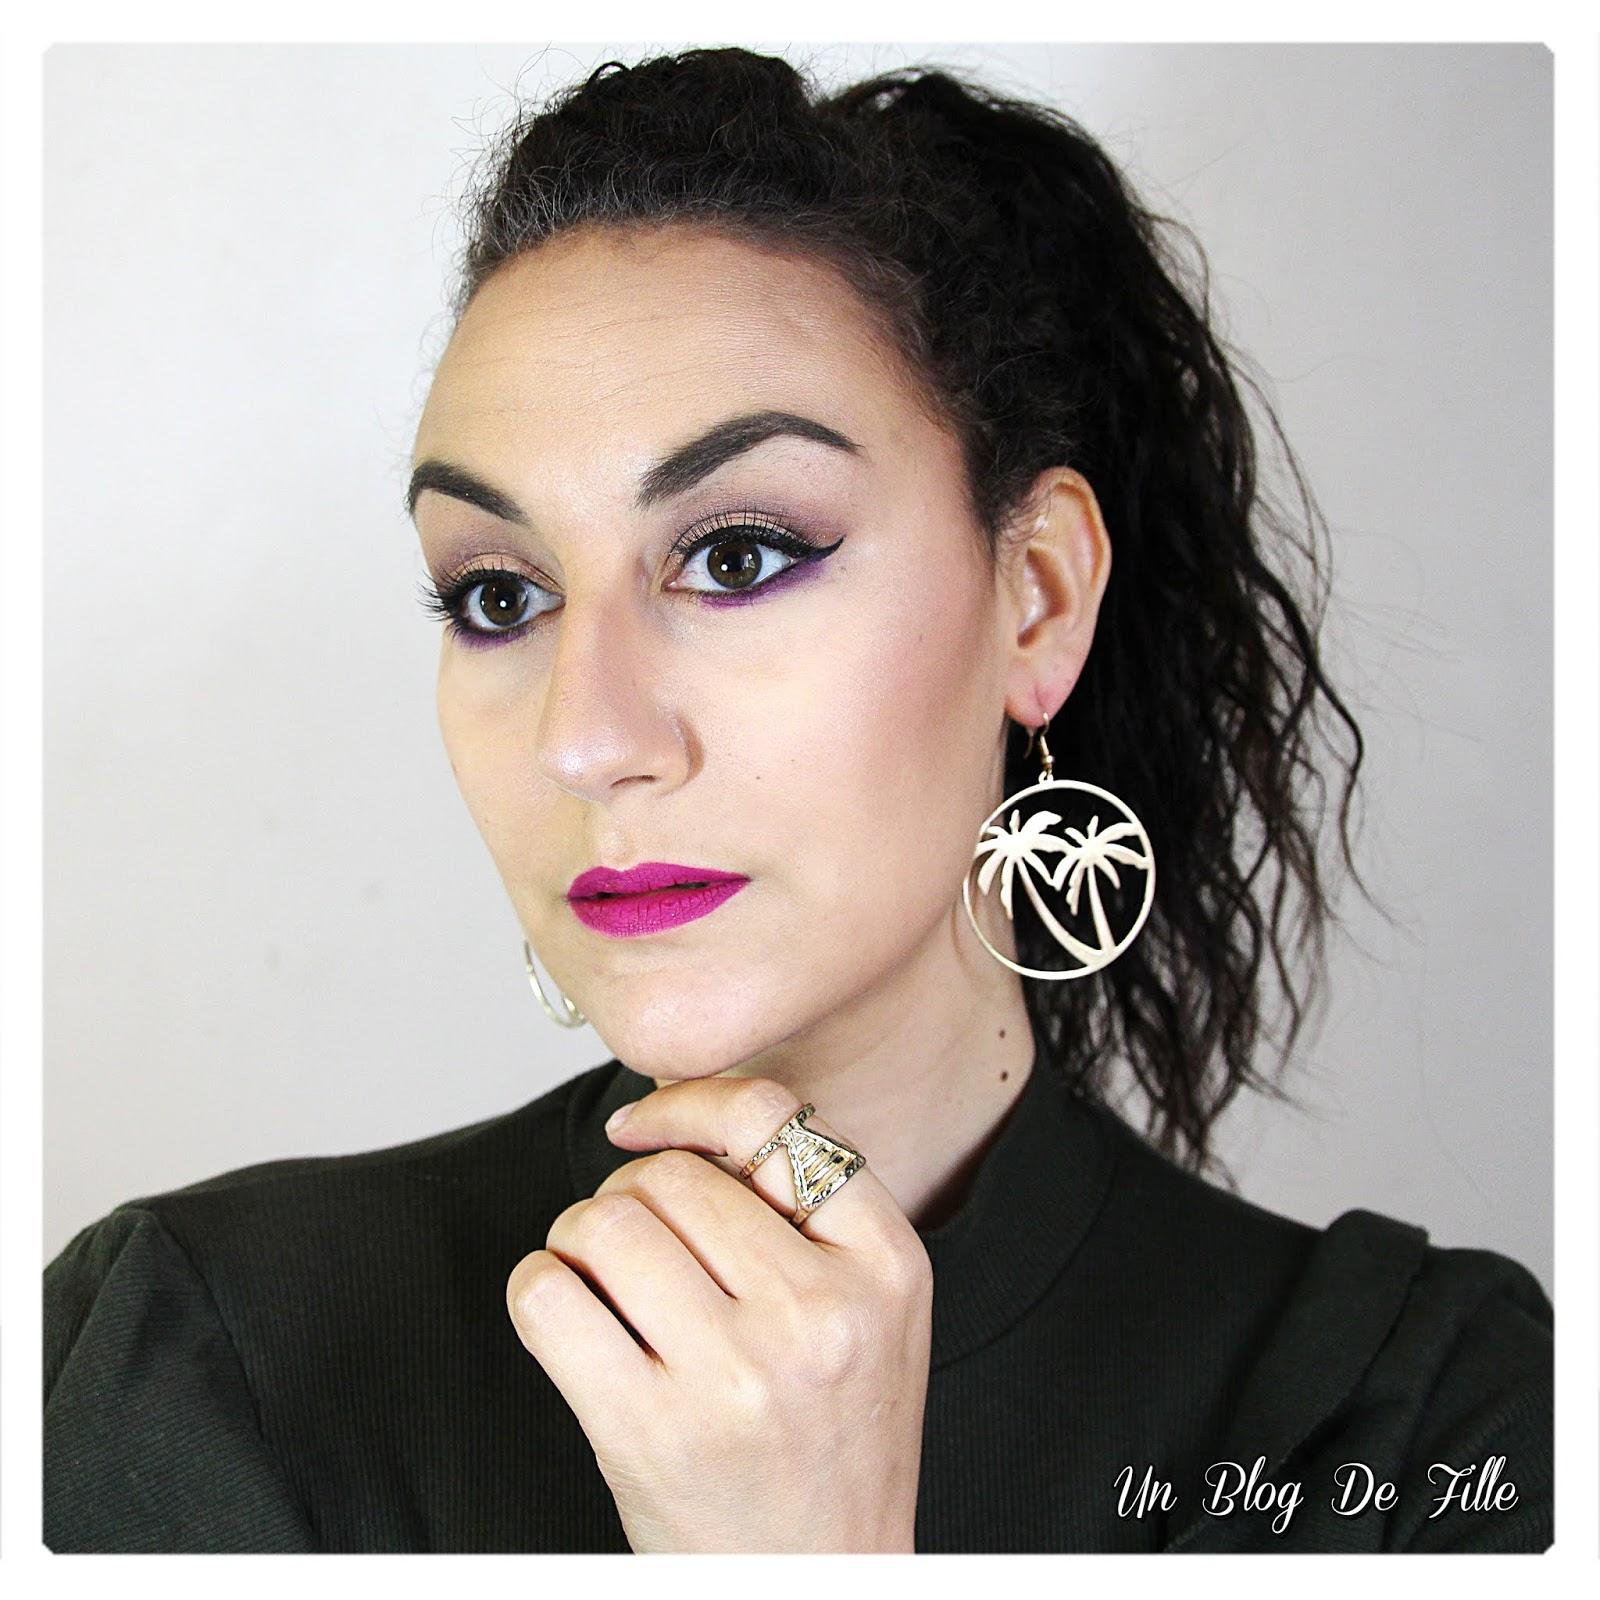 https://unblogdefille.blogspot.com/2018/05/maquillage-nude-et-violet-msc-chataigne.html